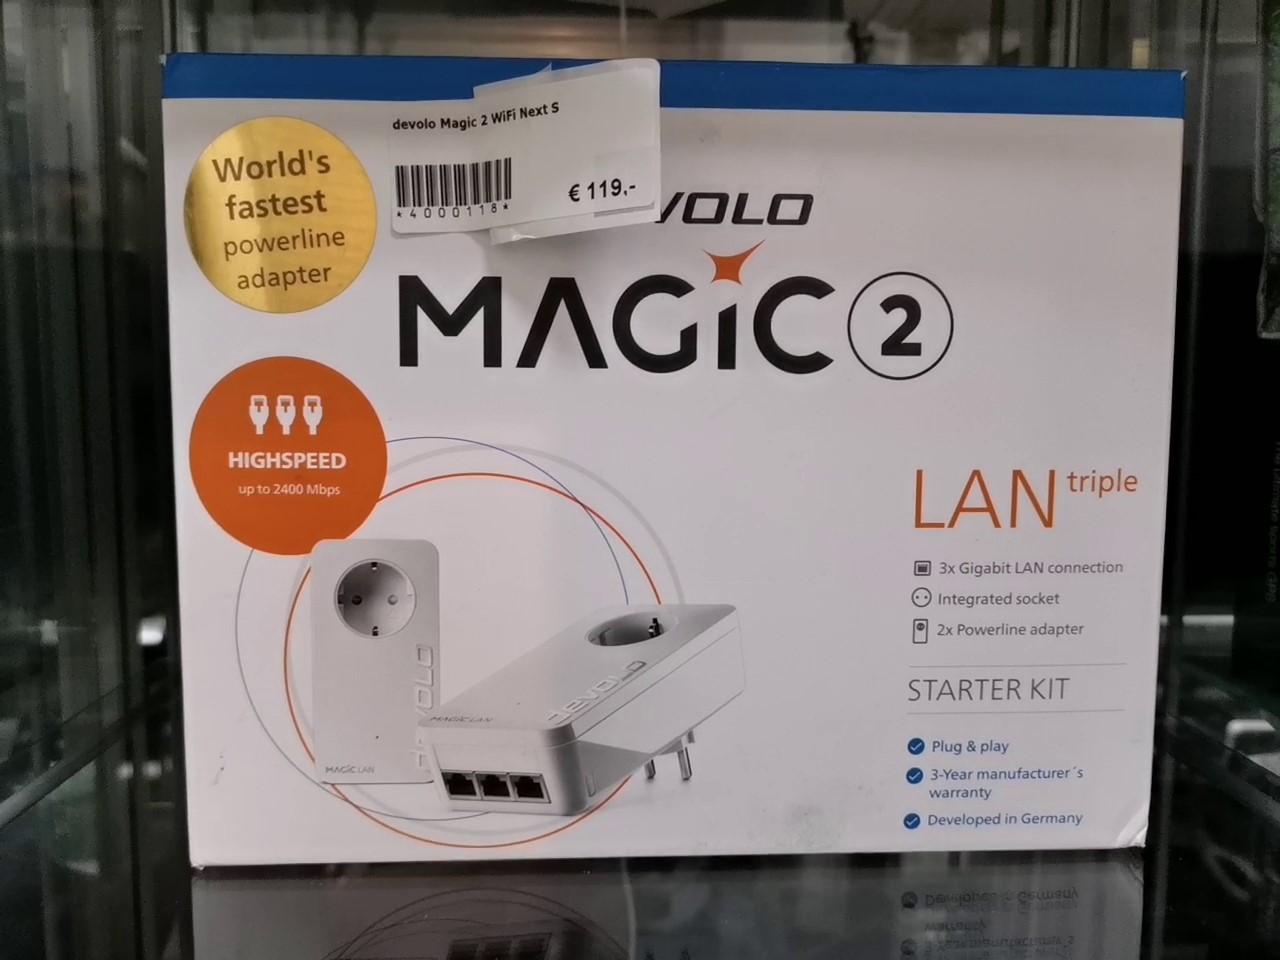 devolo Magic 2 WiFi Next S